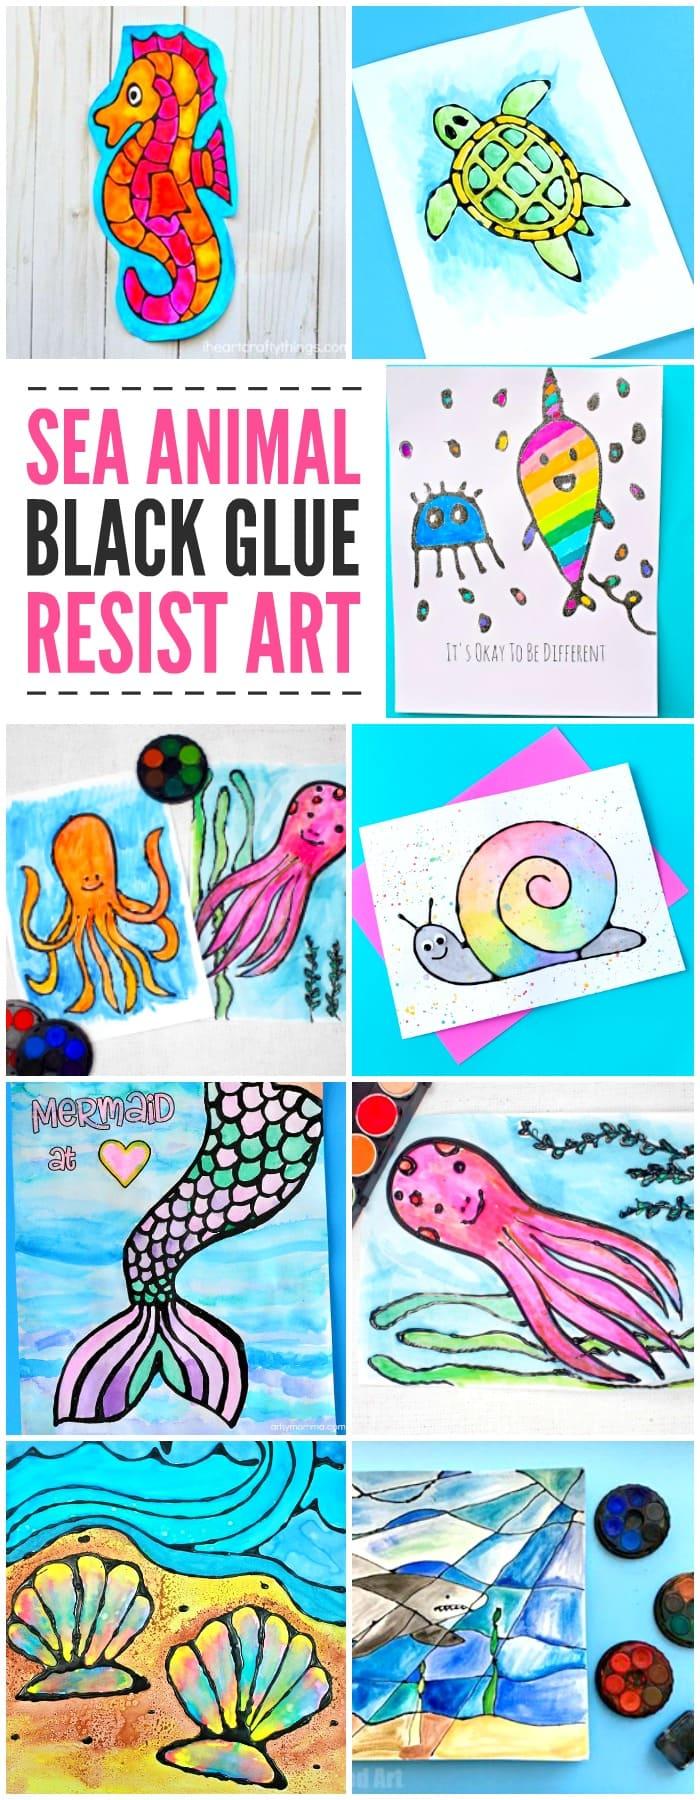 Sea Animal Black Glue Resist Art Ideas for Kids